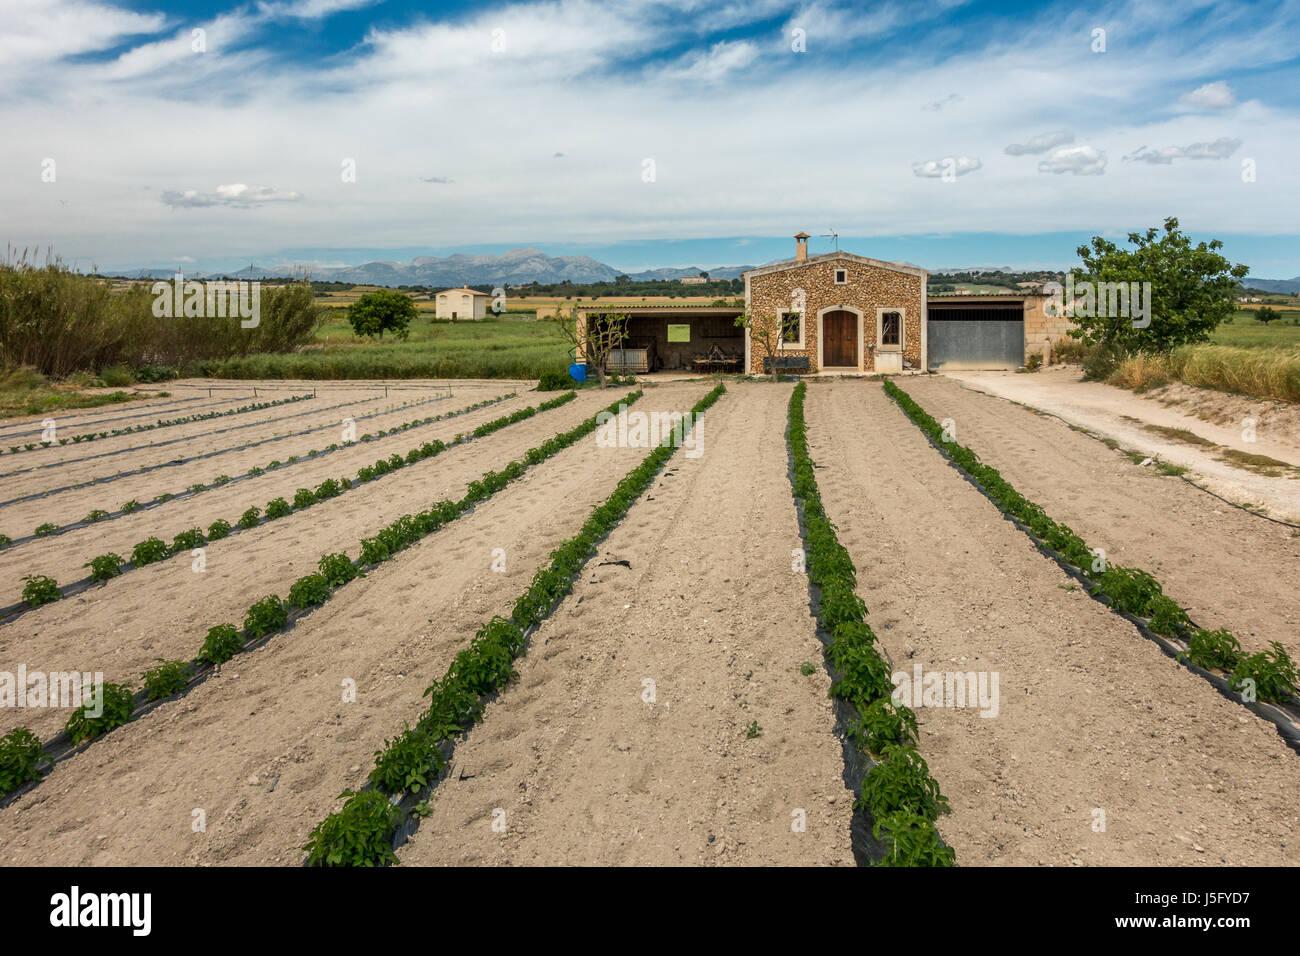 Les cultures en lignes sur une ferme dans le nord de campagne majorquine, Majorque, Îles Baléares, Espagne Photo Stock